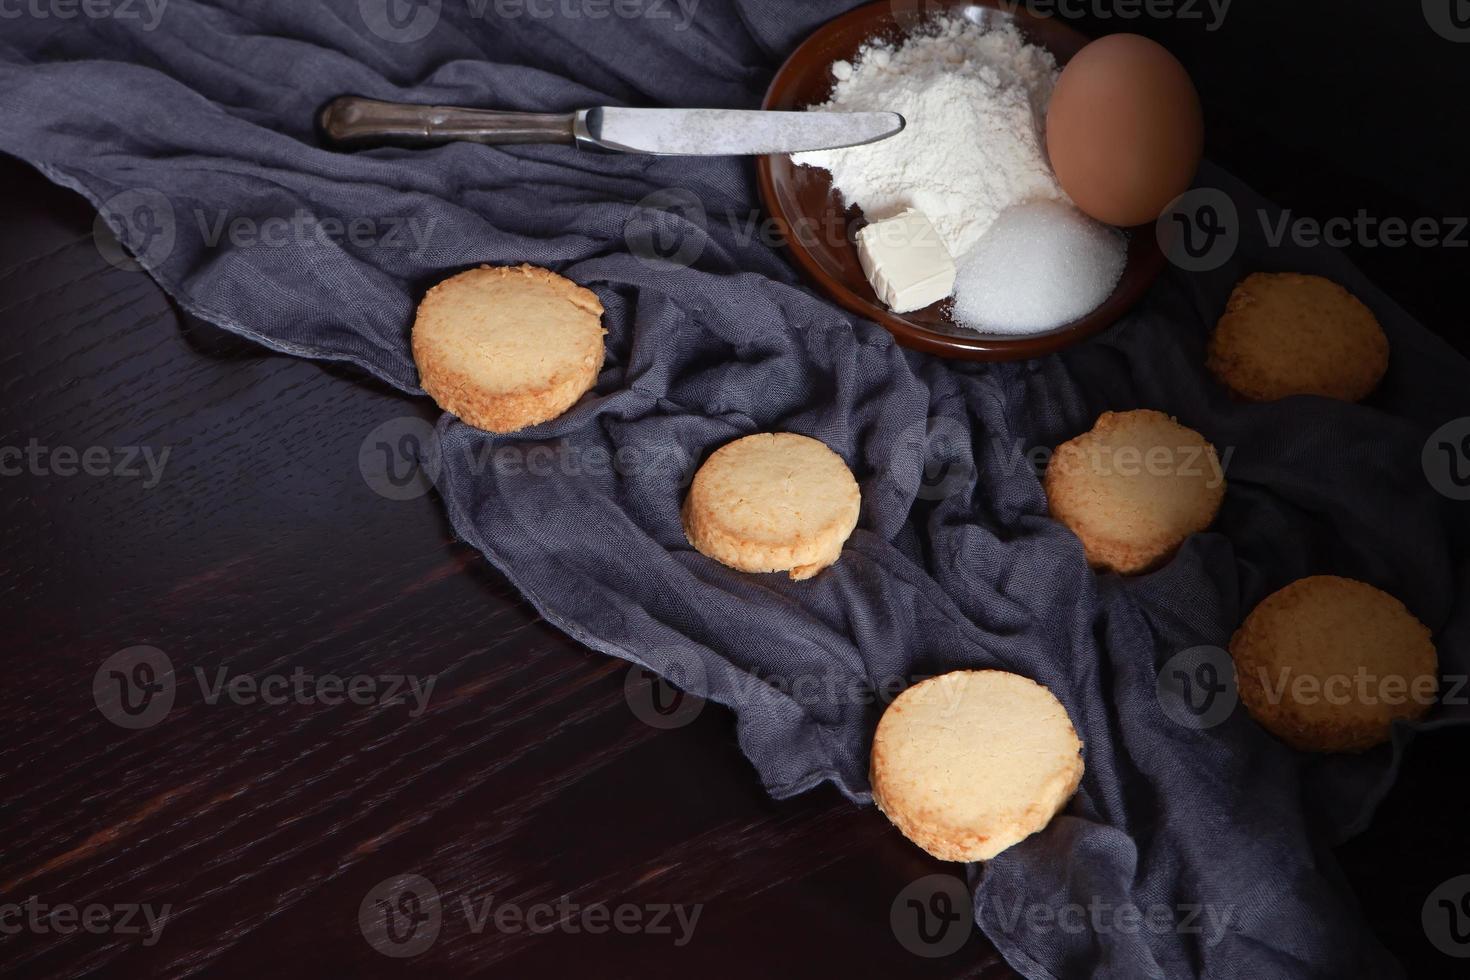 biscoitos caseiros tradicionais e naturais foto